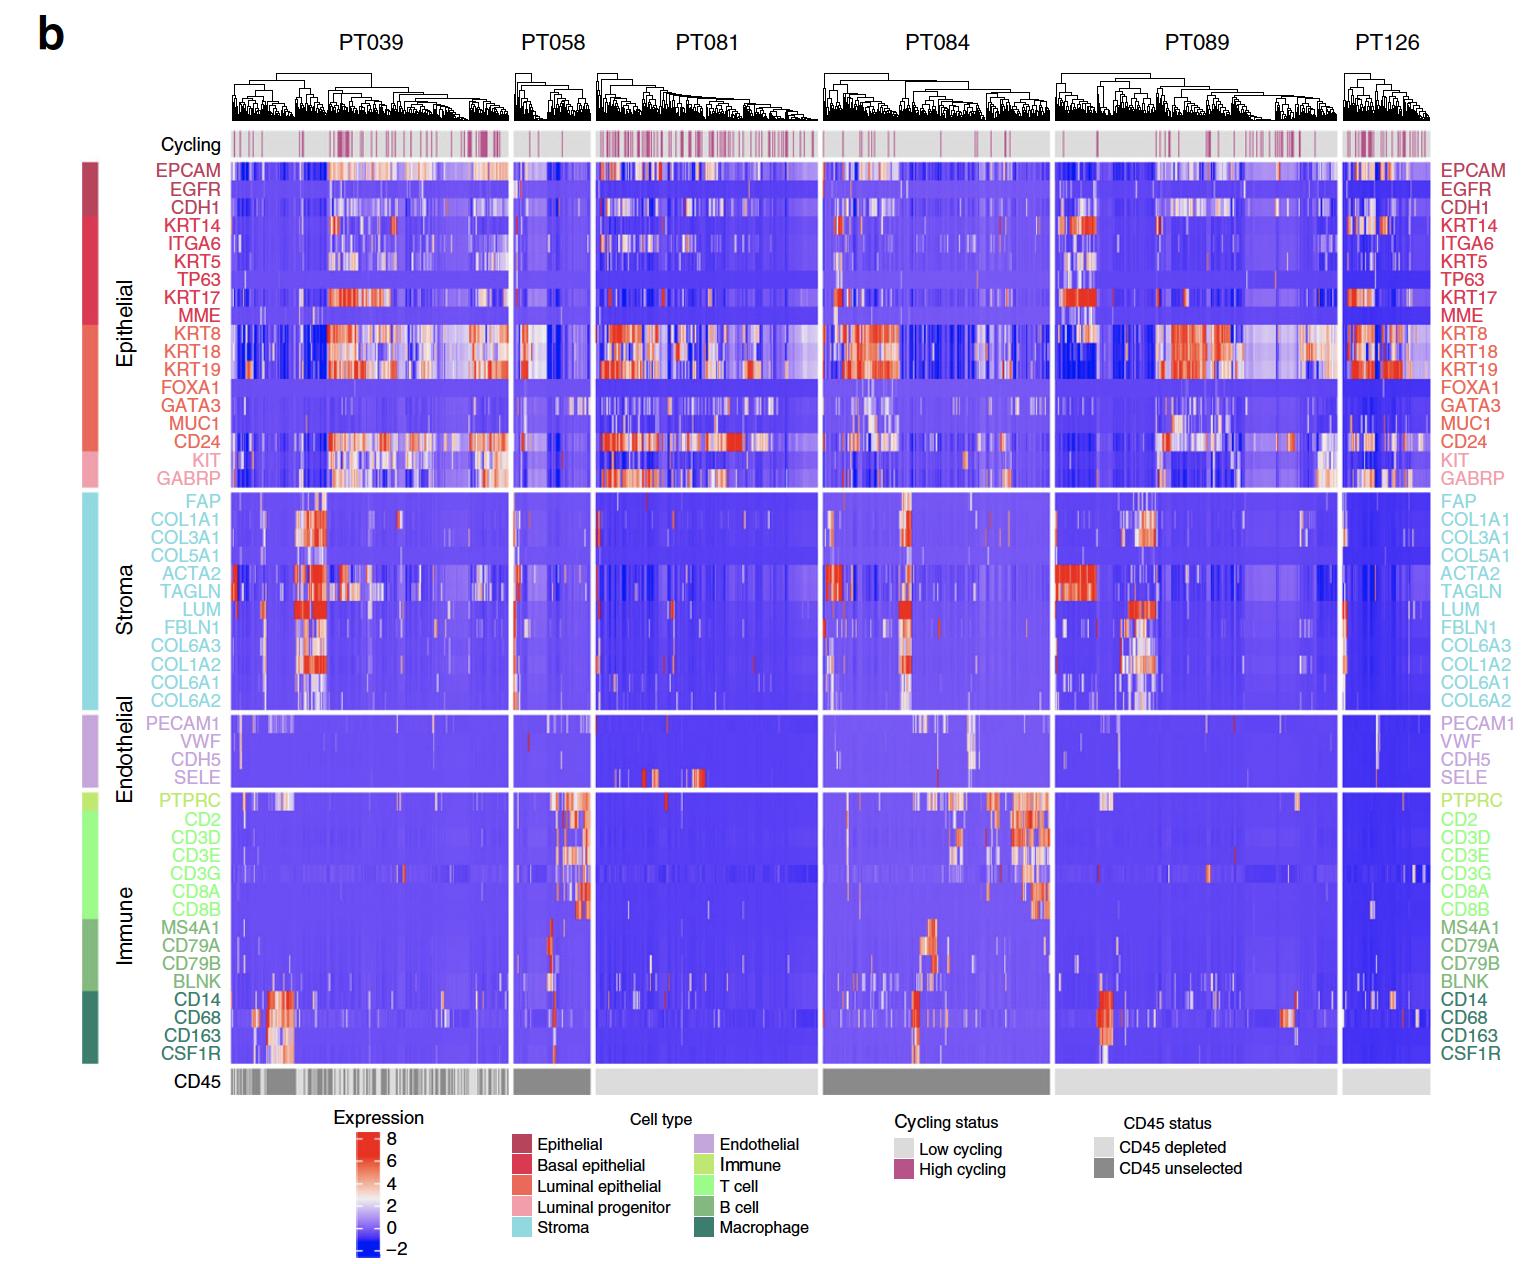 celltype-heatmap-of-patients.png